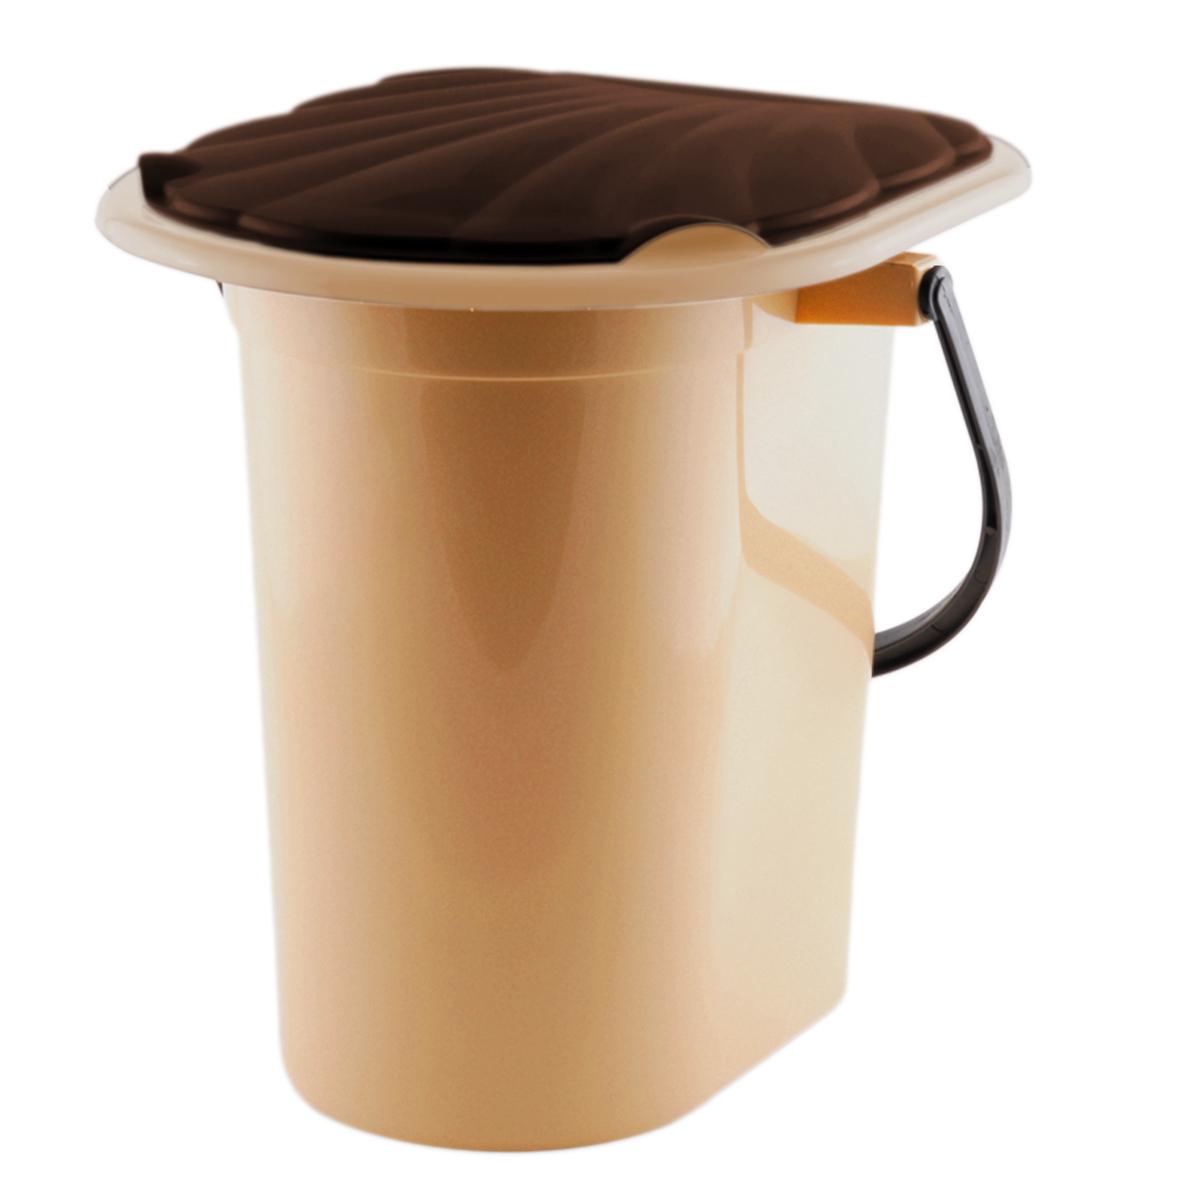 """Ведро-туалет """"InGreen"""" выполнено из пластика. Это  незаменимая вещь на даче, а также для пожилых людей и  людей с ограниченными возможностями. Устойчивое и  высокое ведро удобно в использовании. Ведро-туалет имеет  эргономичное съемное сиденье - это позволит легко его мыть  и сушить отдельно. Ведро снабжено крышкой, что препятствует  распространению неприятных запахов. Прочный пластик  выдержит даже людей с большим весом.."""